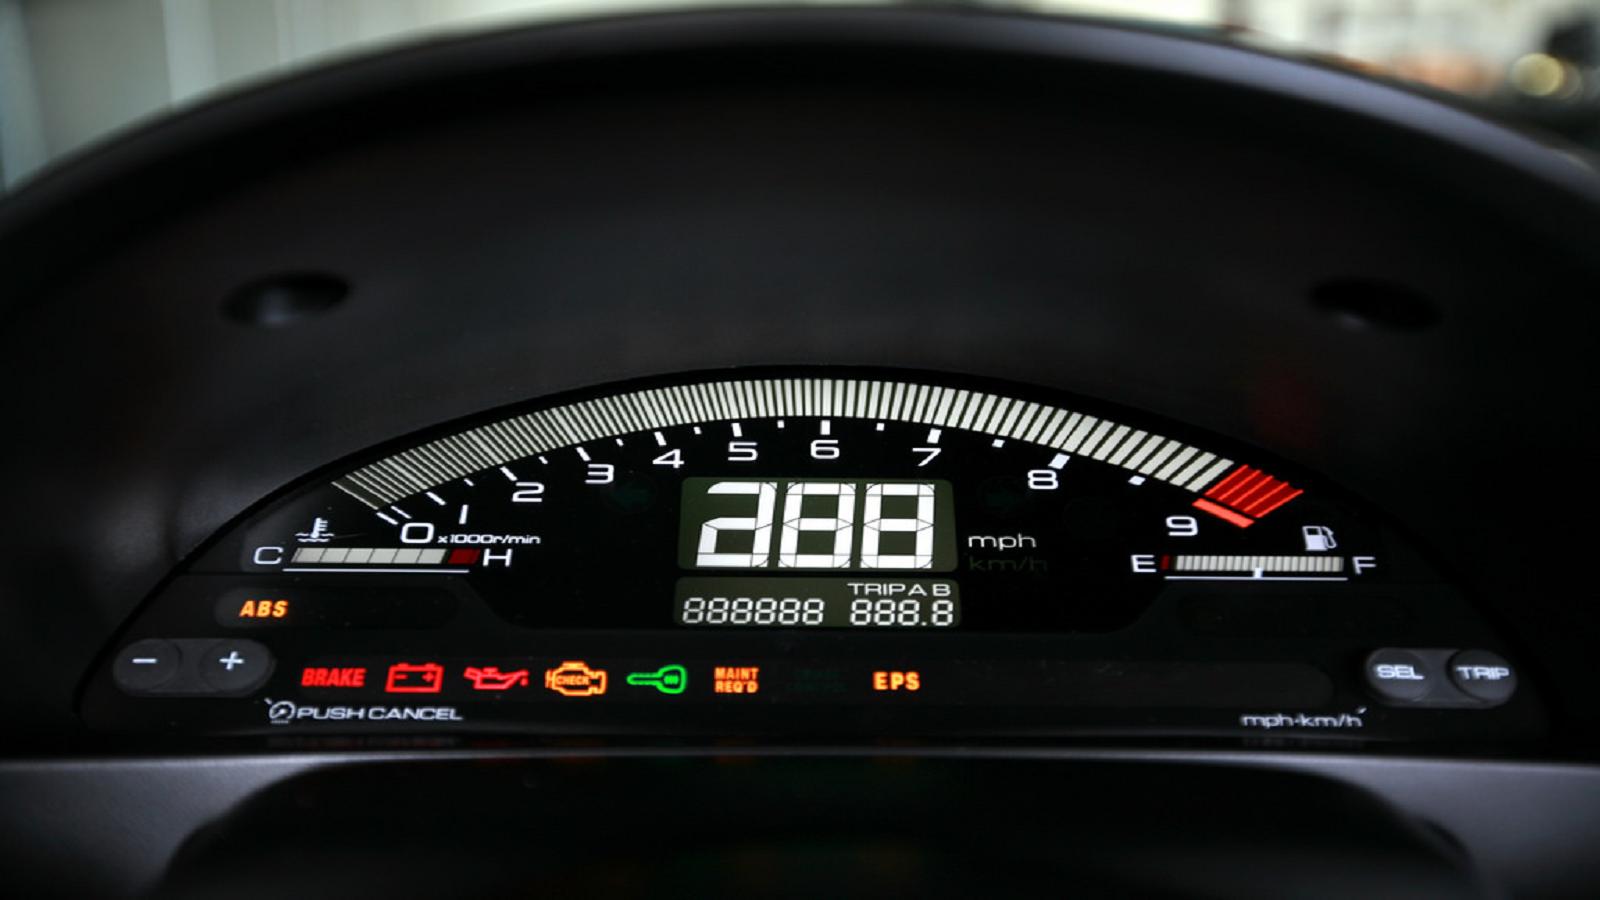 Fully digital dashboard display